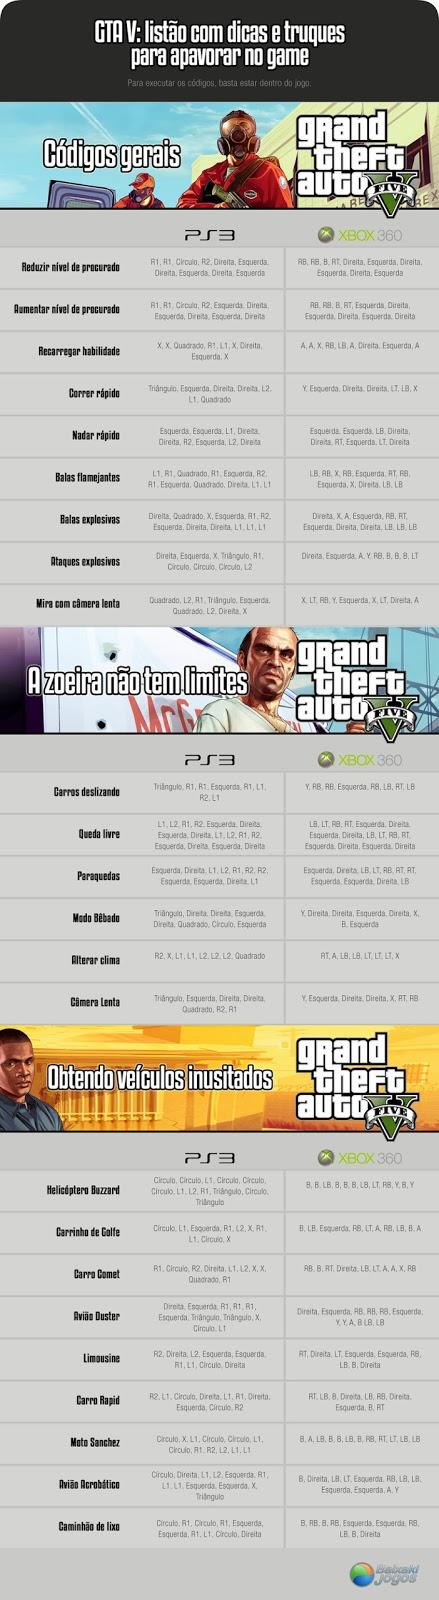 veja também nossa outra postagem com mais dicas e códigos de GTA 5